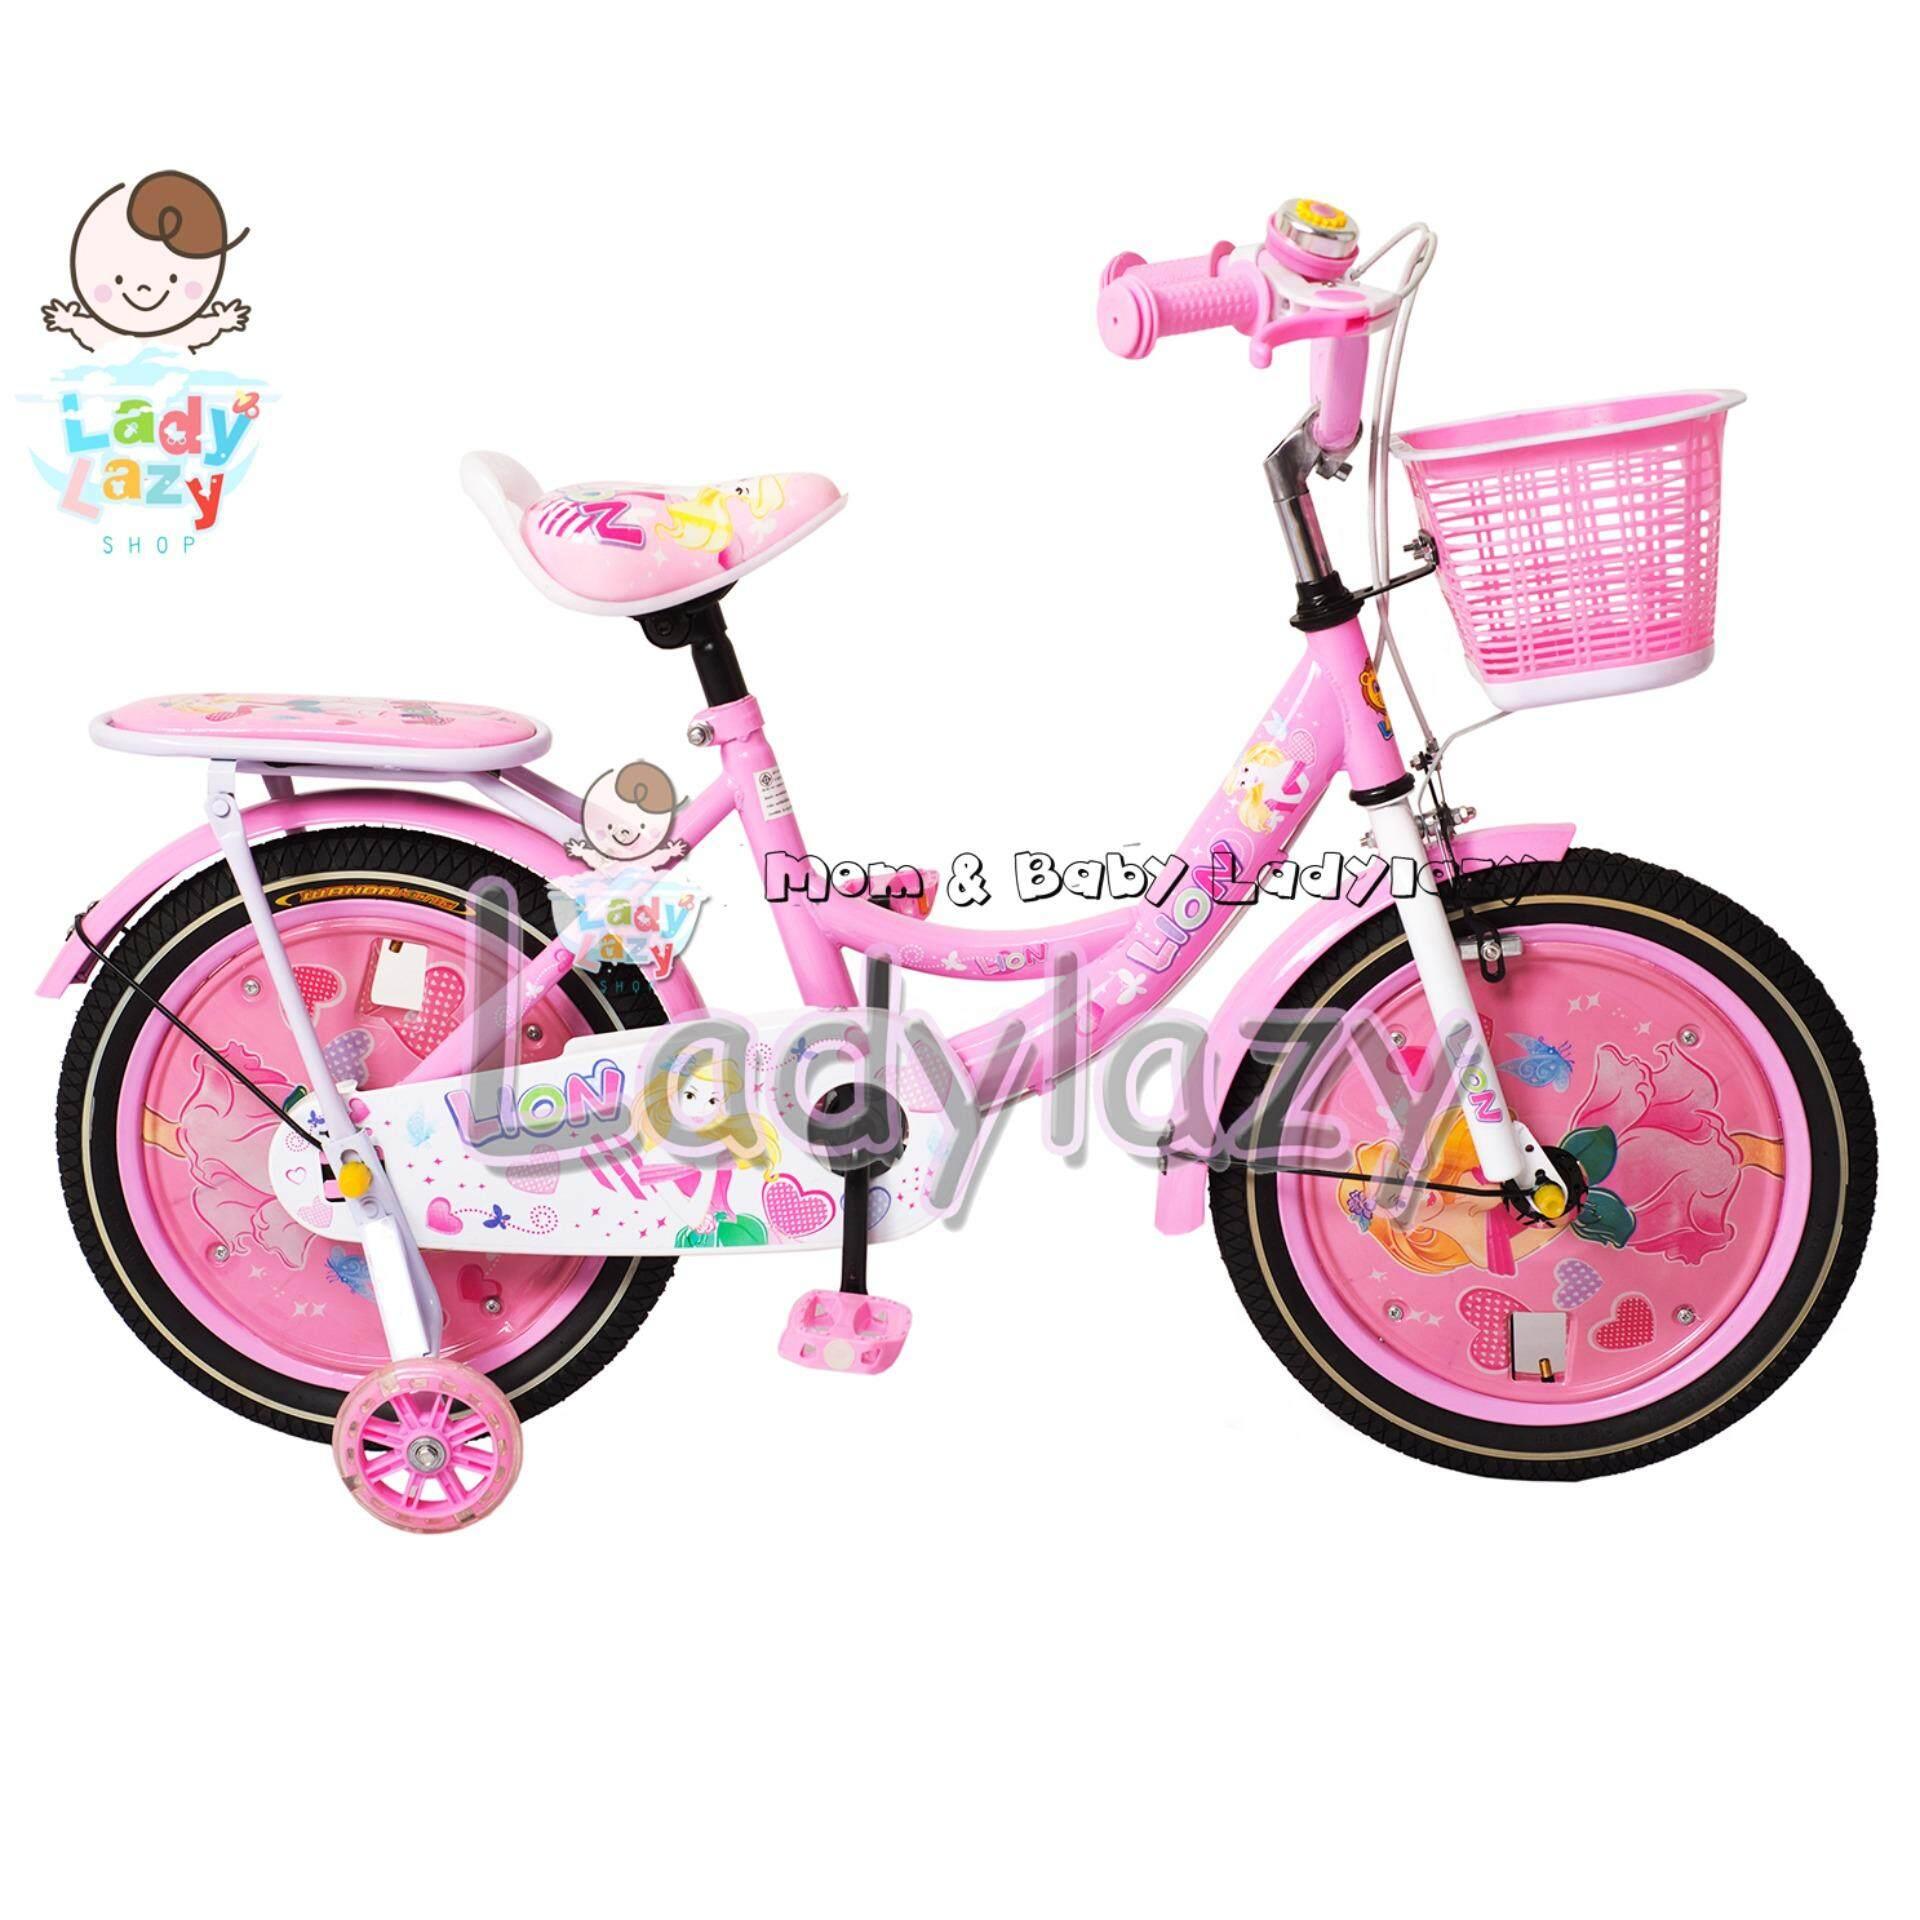 ขาย Ladylazyจักรยานเด็ก ลายเจ้าหญิงน้อยน่ารัก No 5555 16 สีชมพูอ่อน ใน กรุงเทพมหานคร